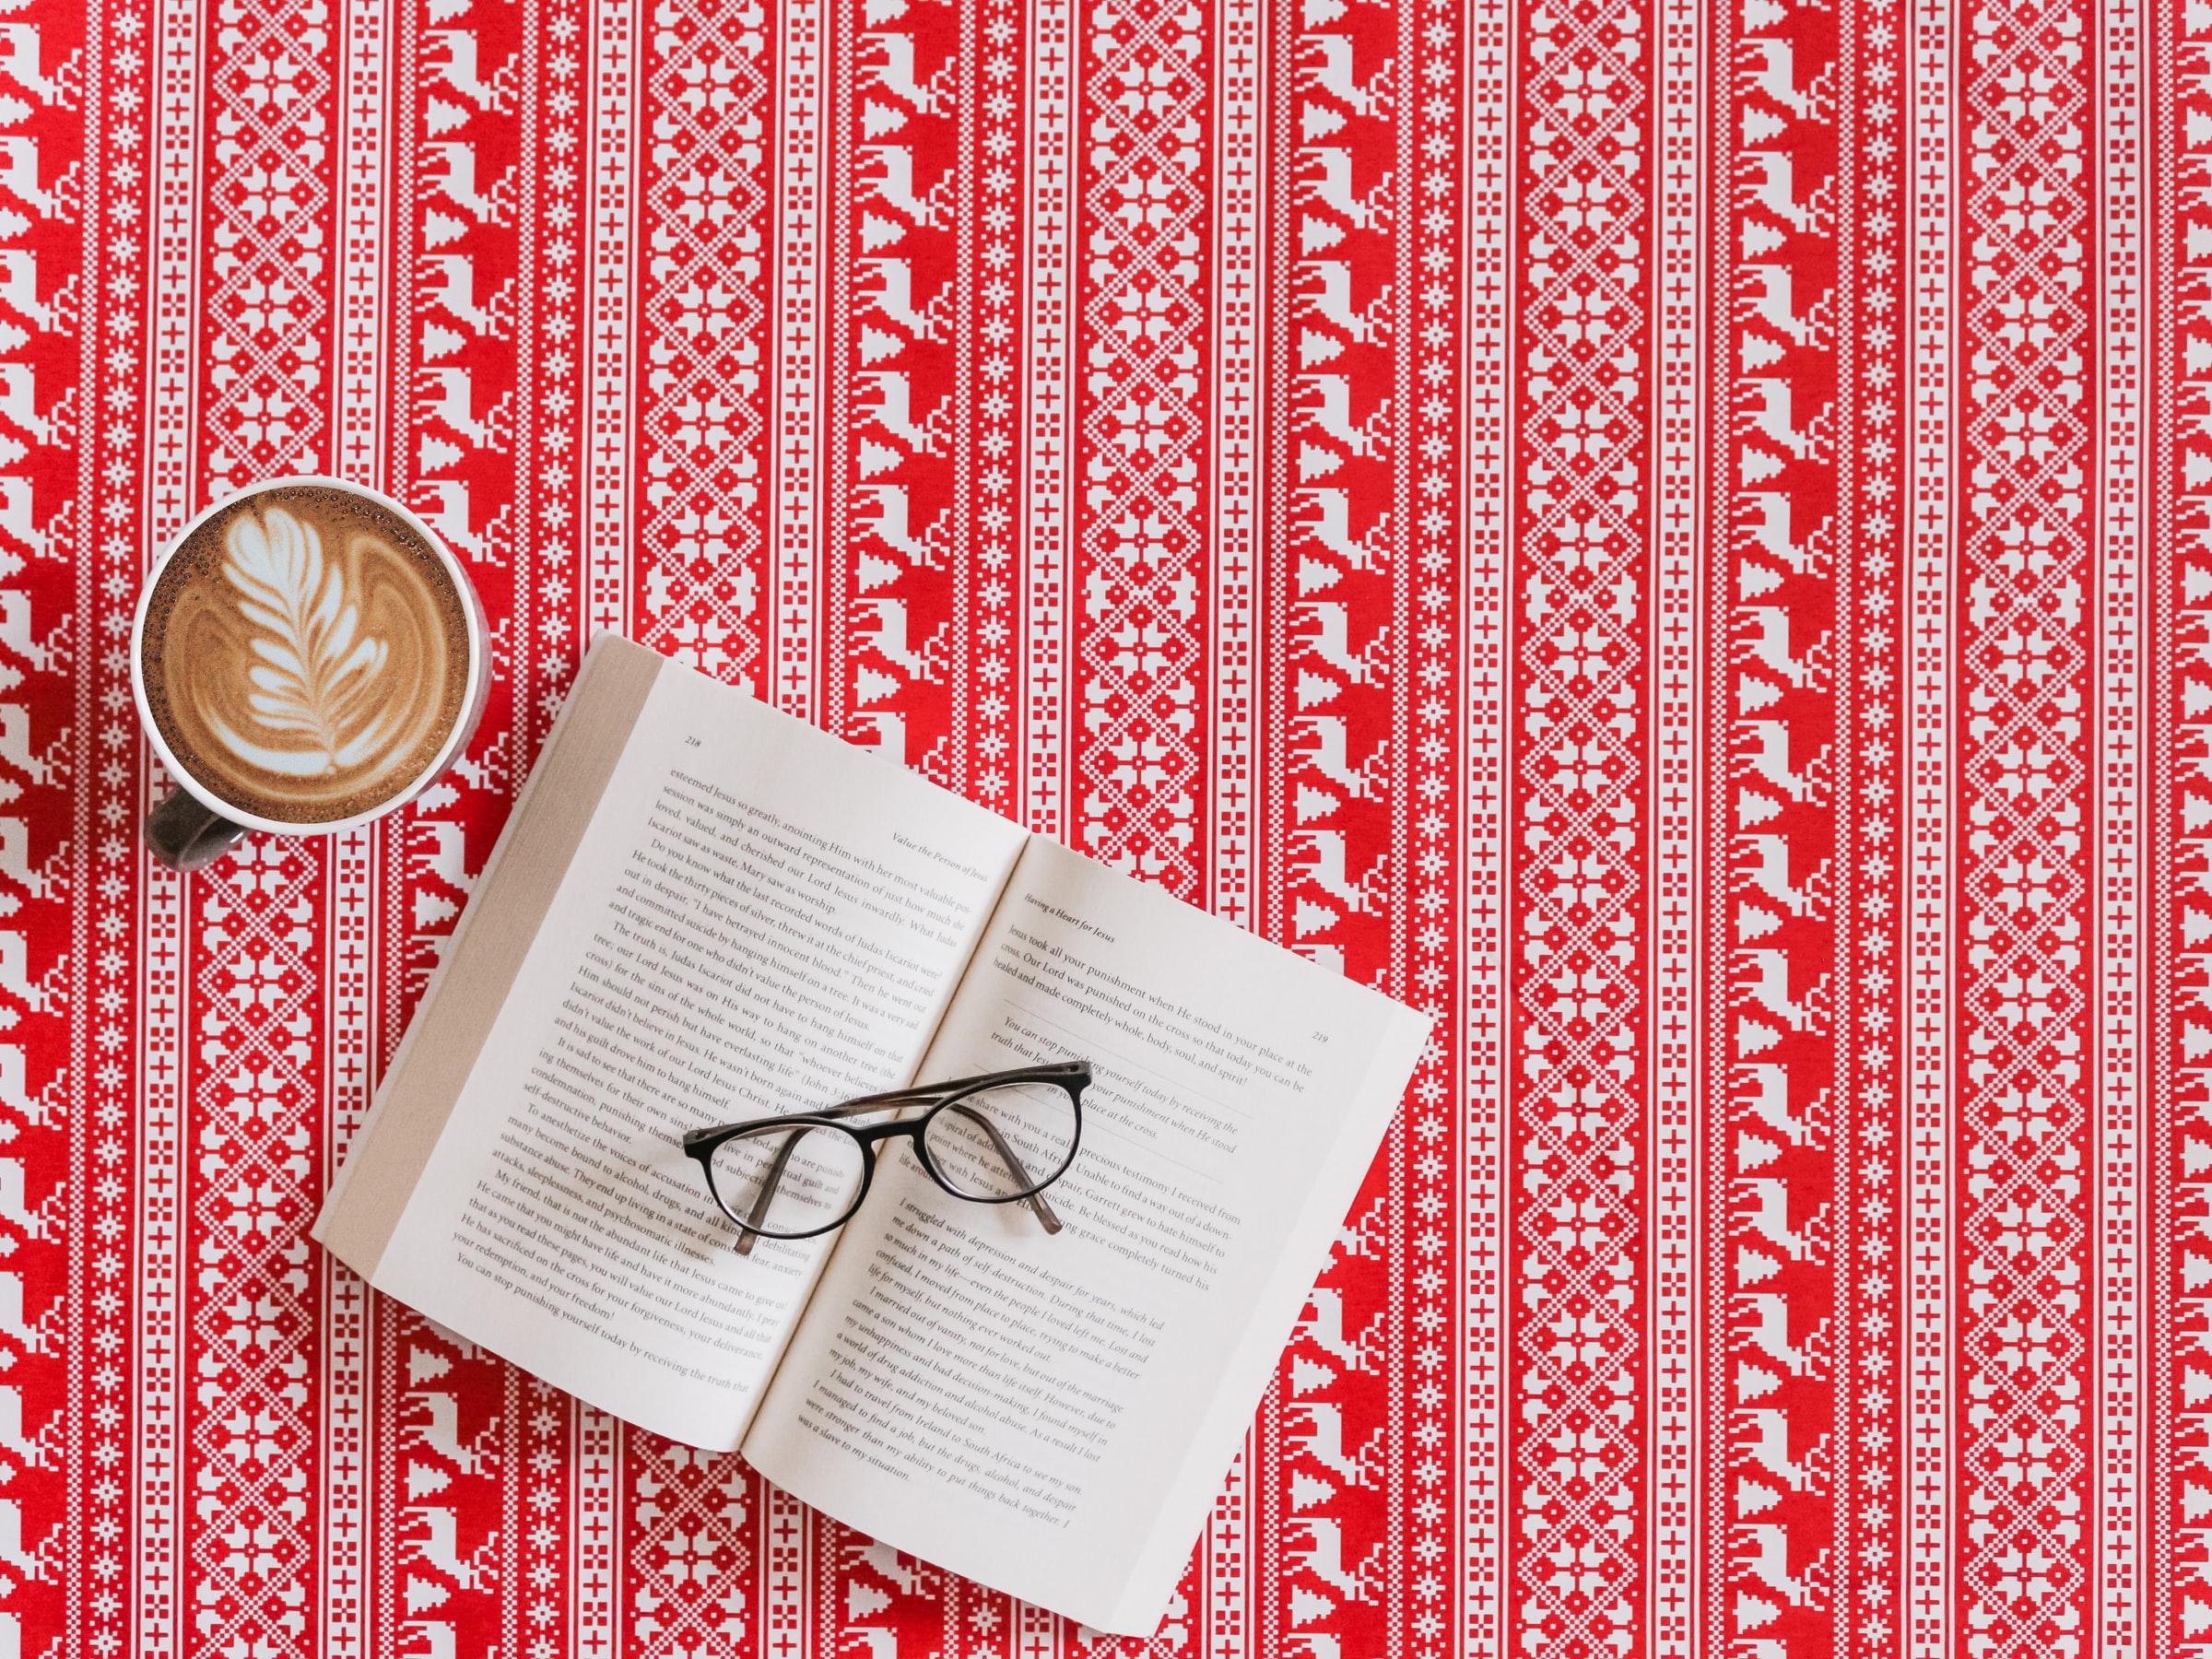 Kersttips van de redactie